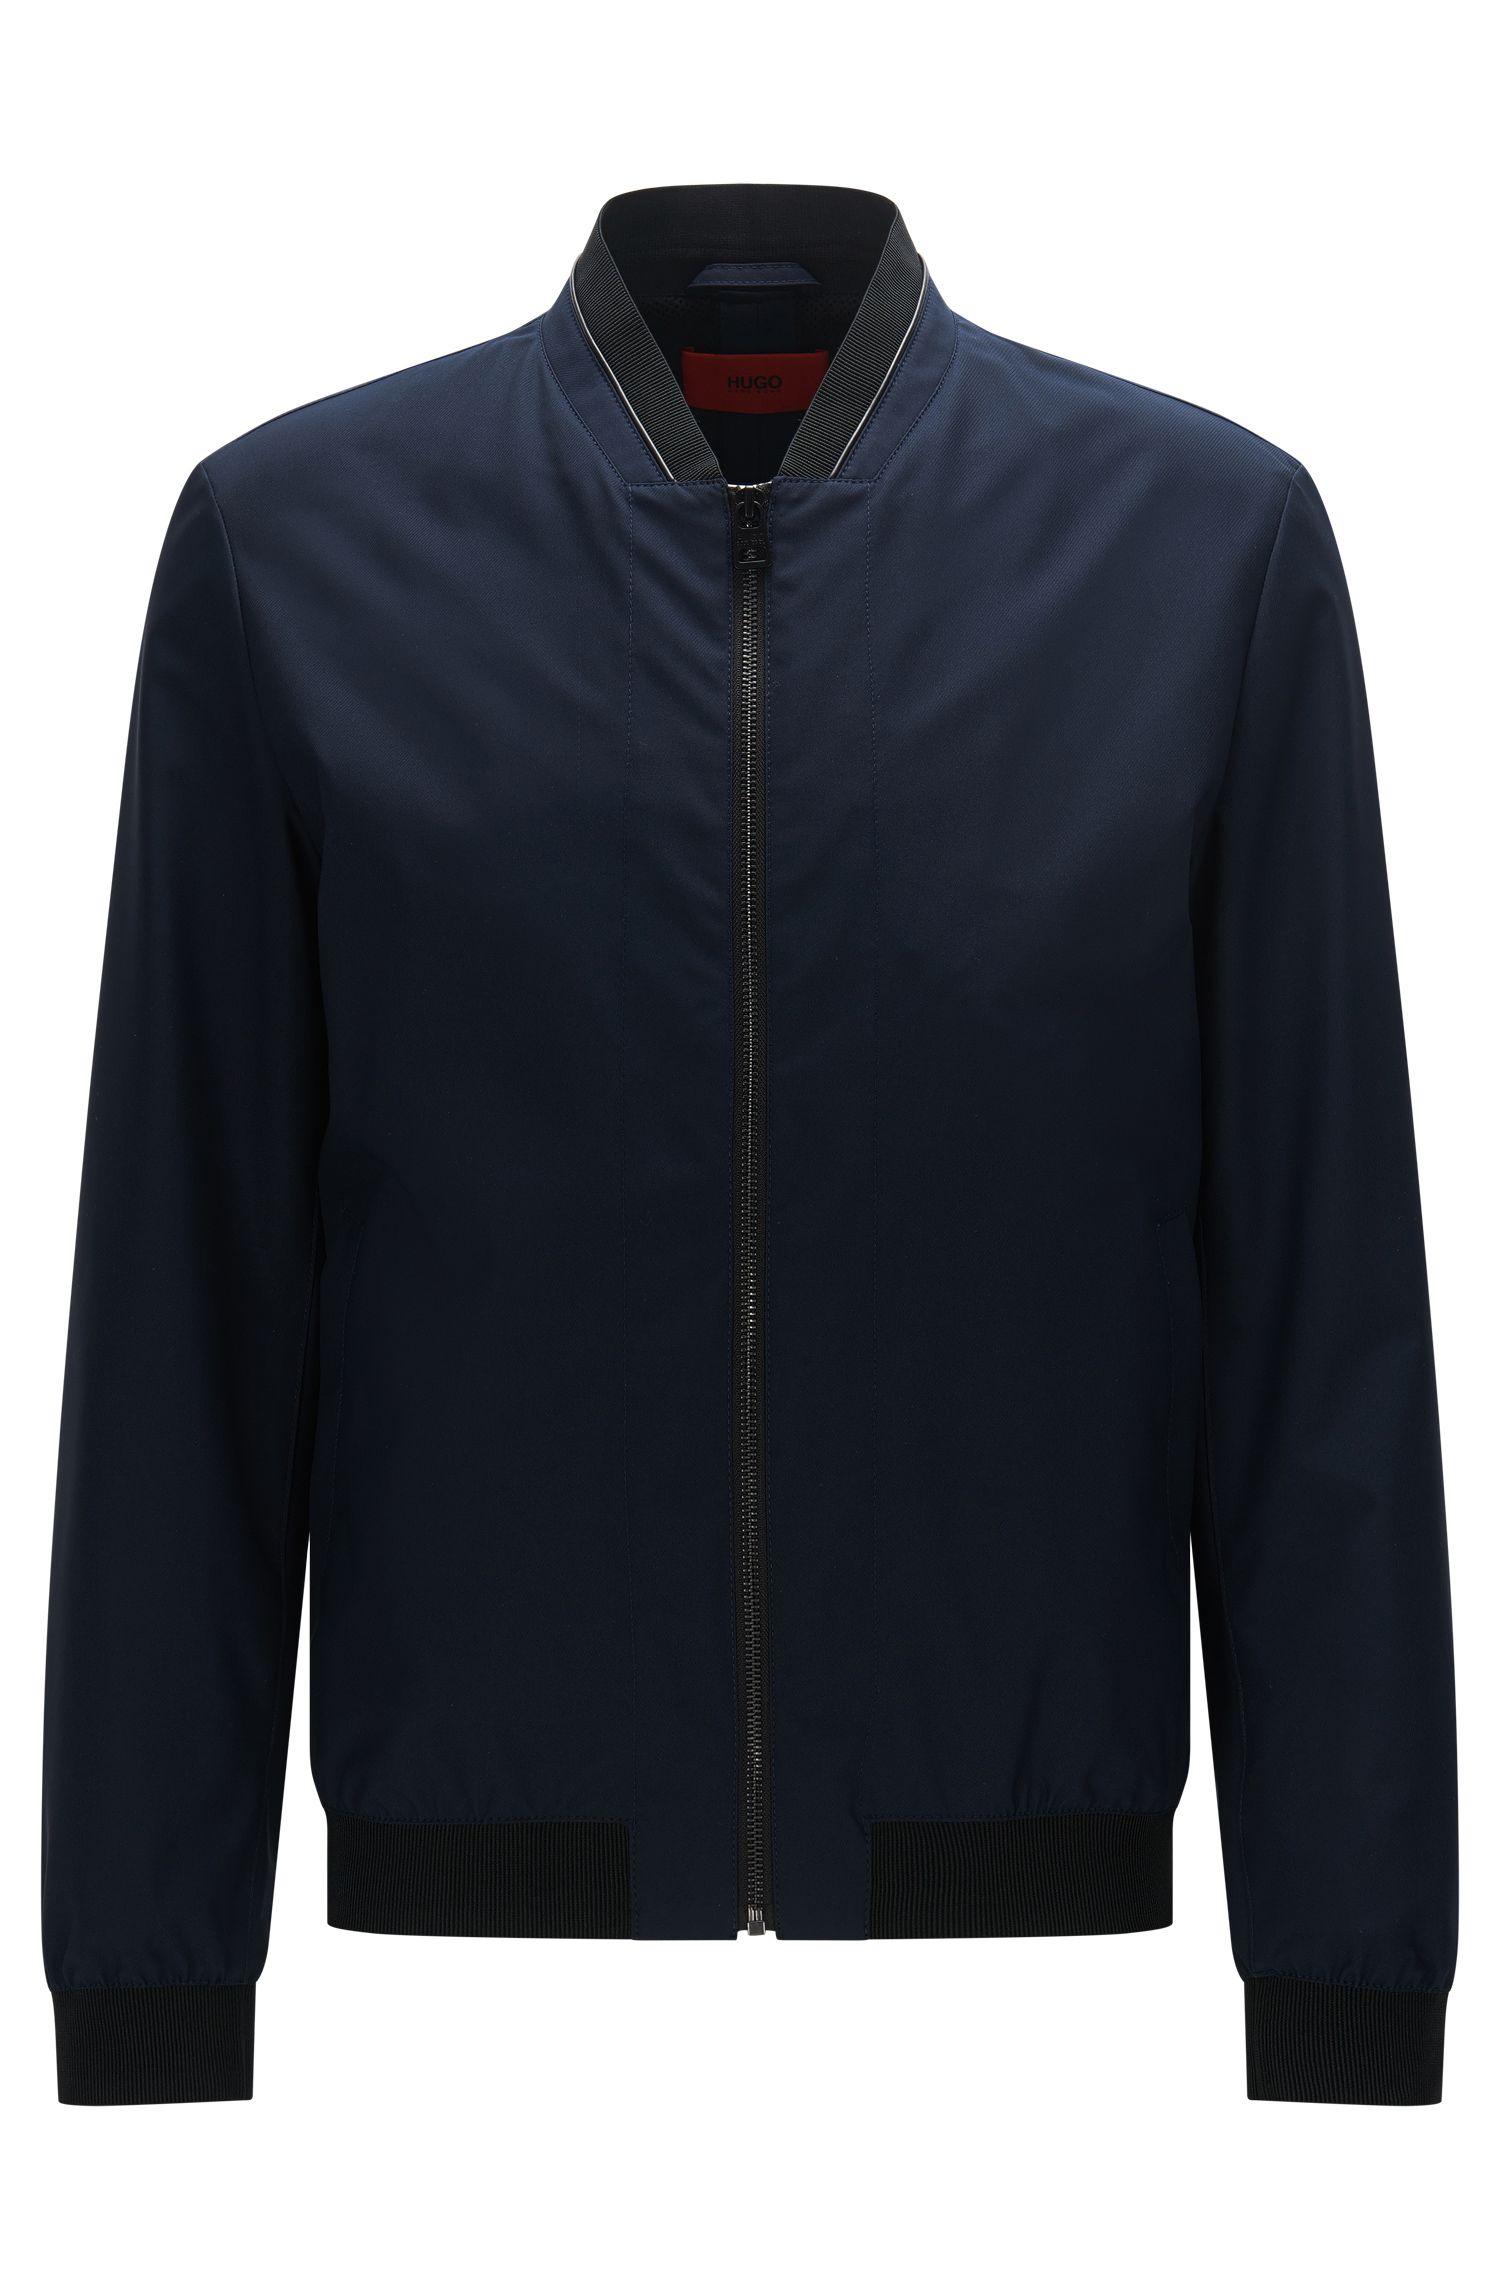 Regular-Fit Jacke aus Material-Mix mit Details in Leder-Optik: 'Bestan1'